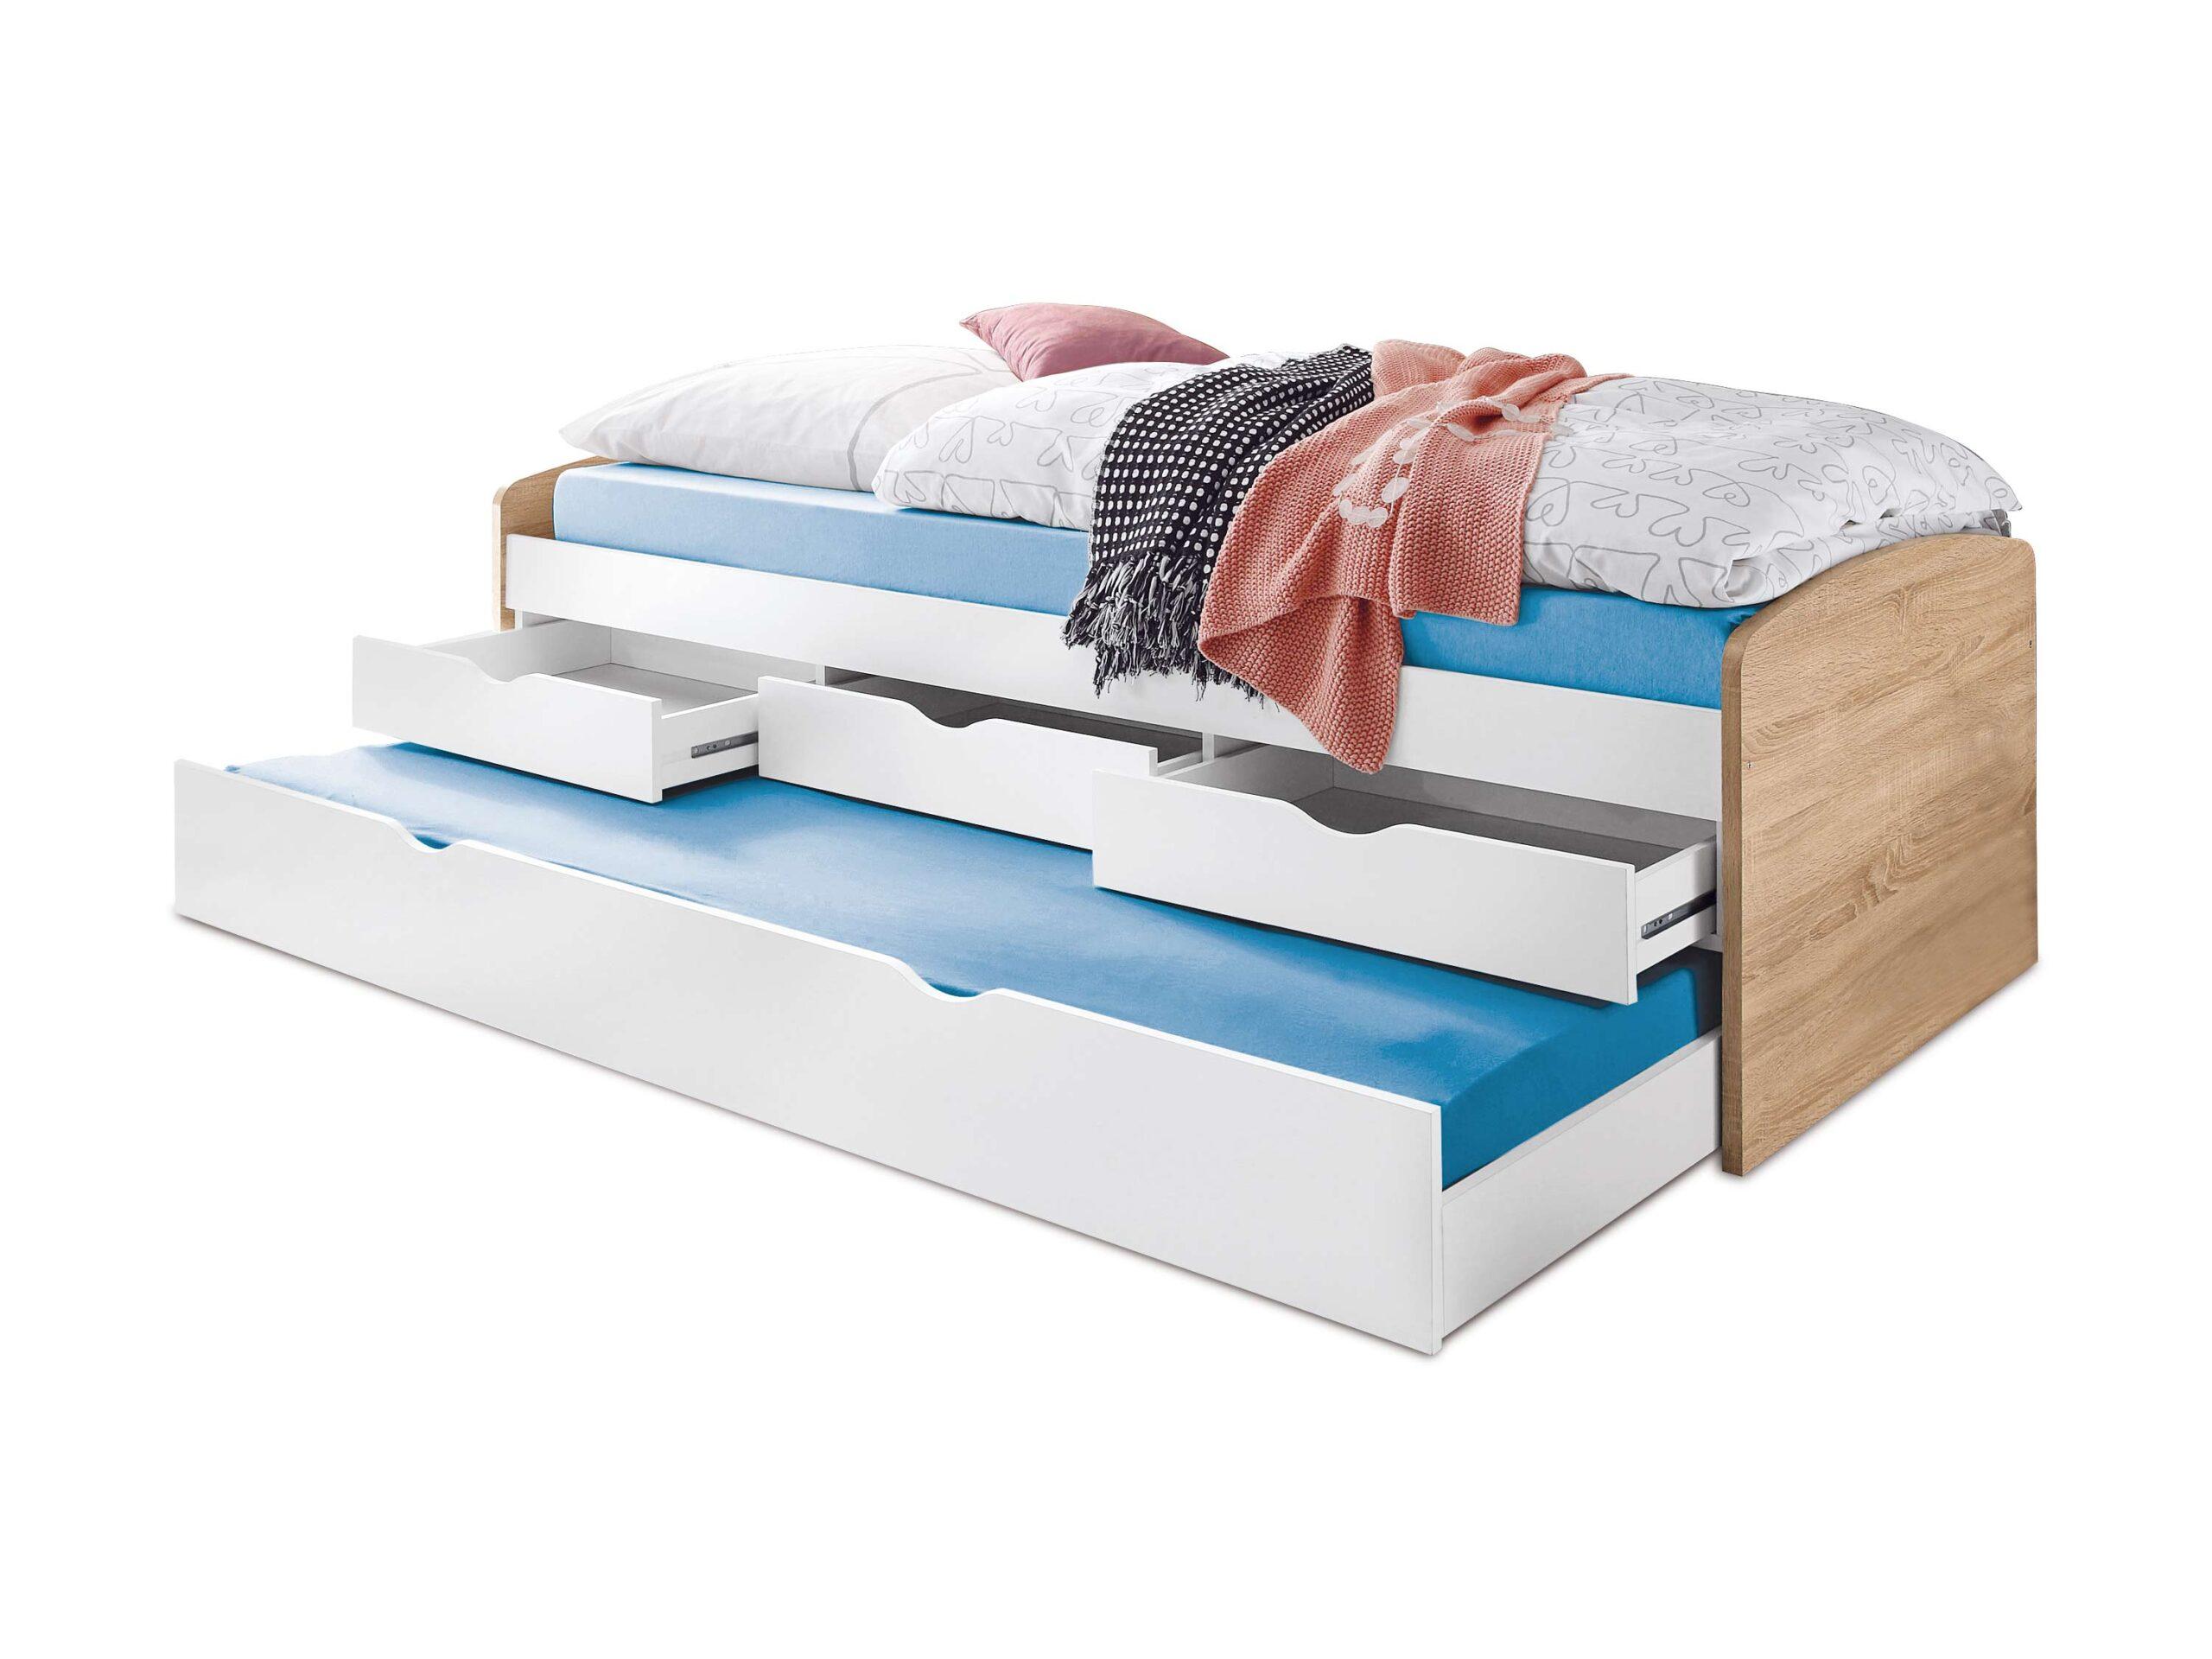 Full Size of Sofa Ausziehbar Esstisch Massivholz Massiv Bett Runder Weiß Esstische Ausziehbares Rund 160 Eiche Ausziehbarer Glas Wohnzimmer Jugendbett Ausziehbar